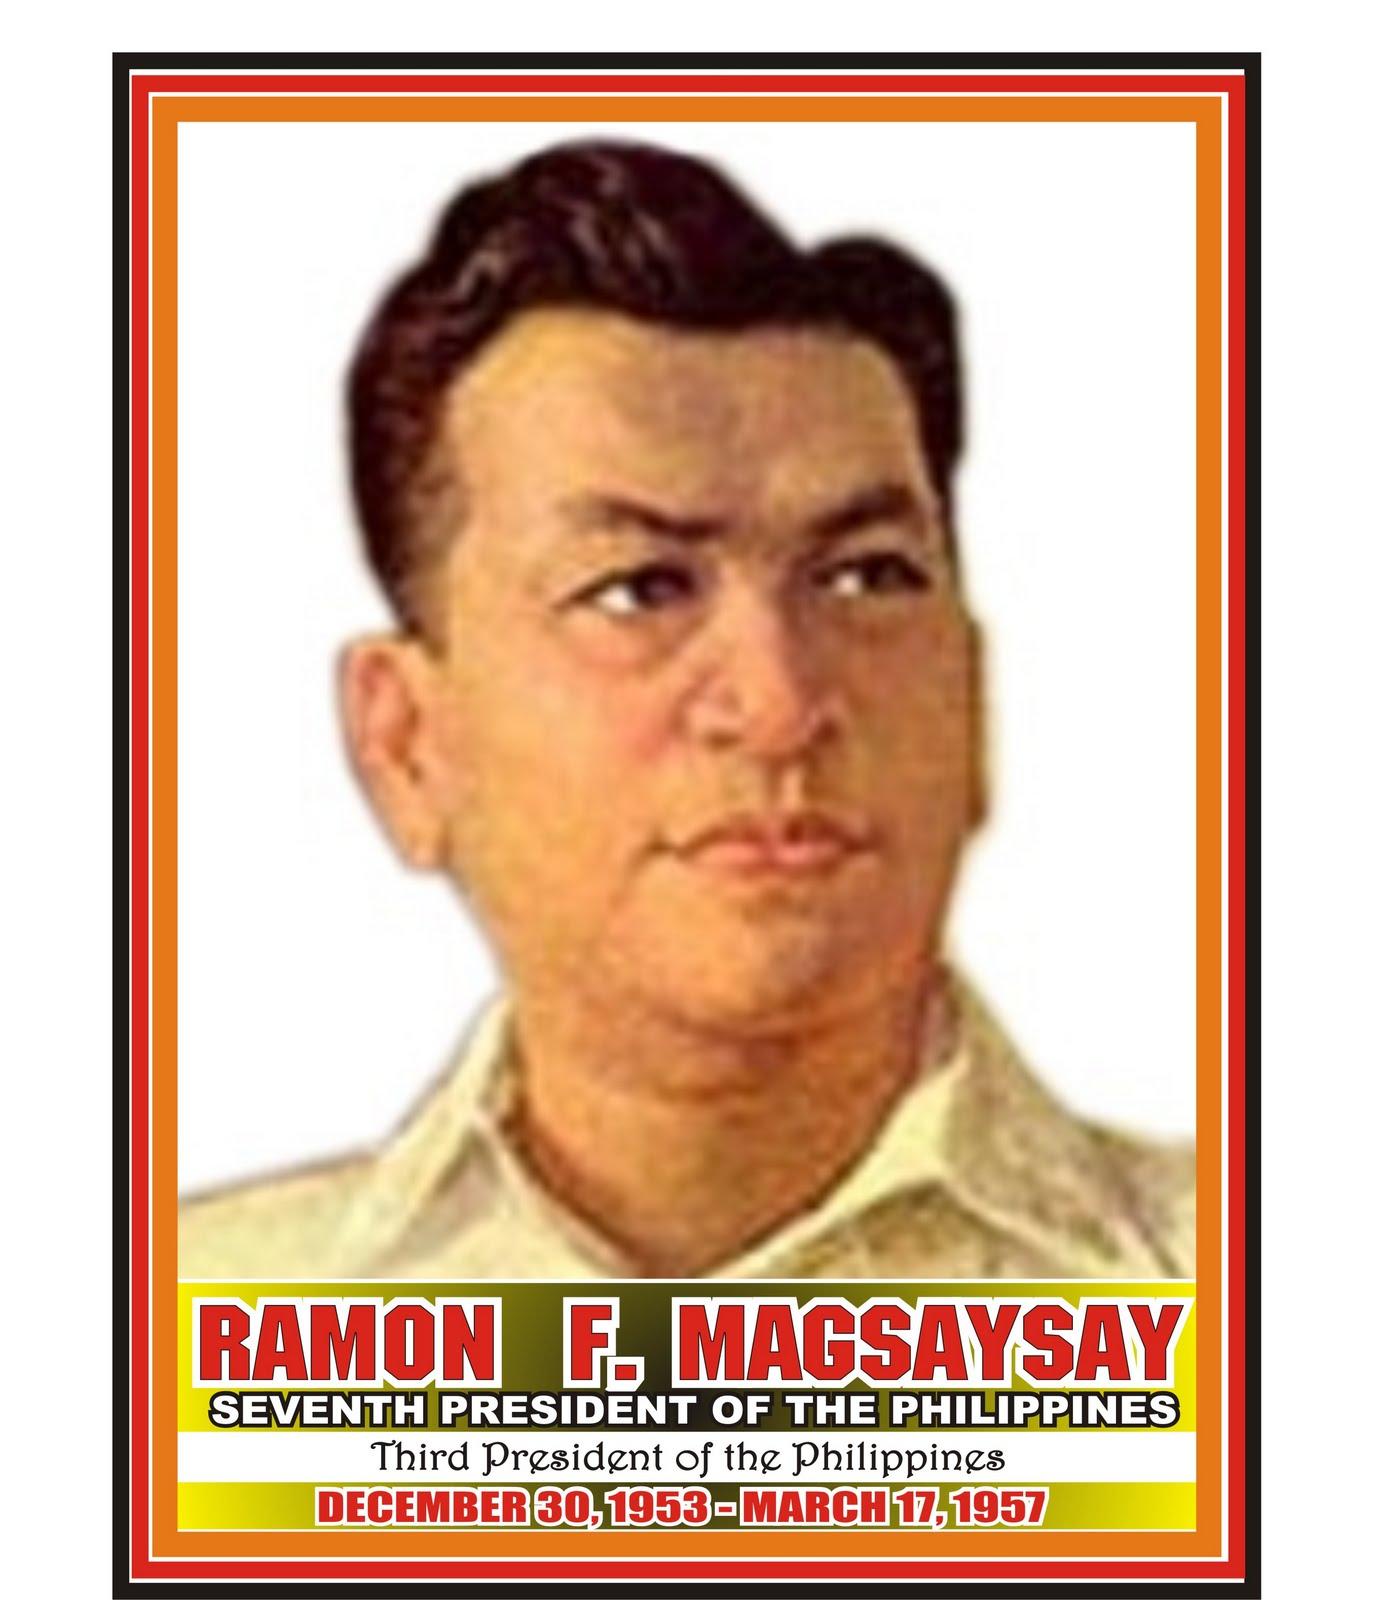 Ramon Magsaysay